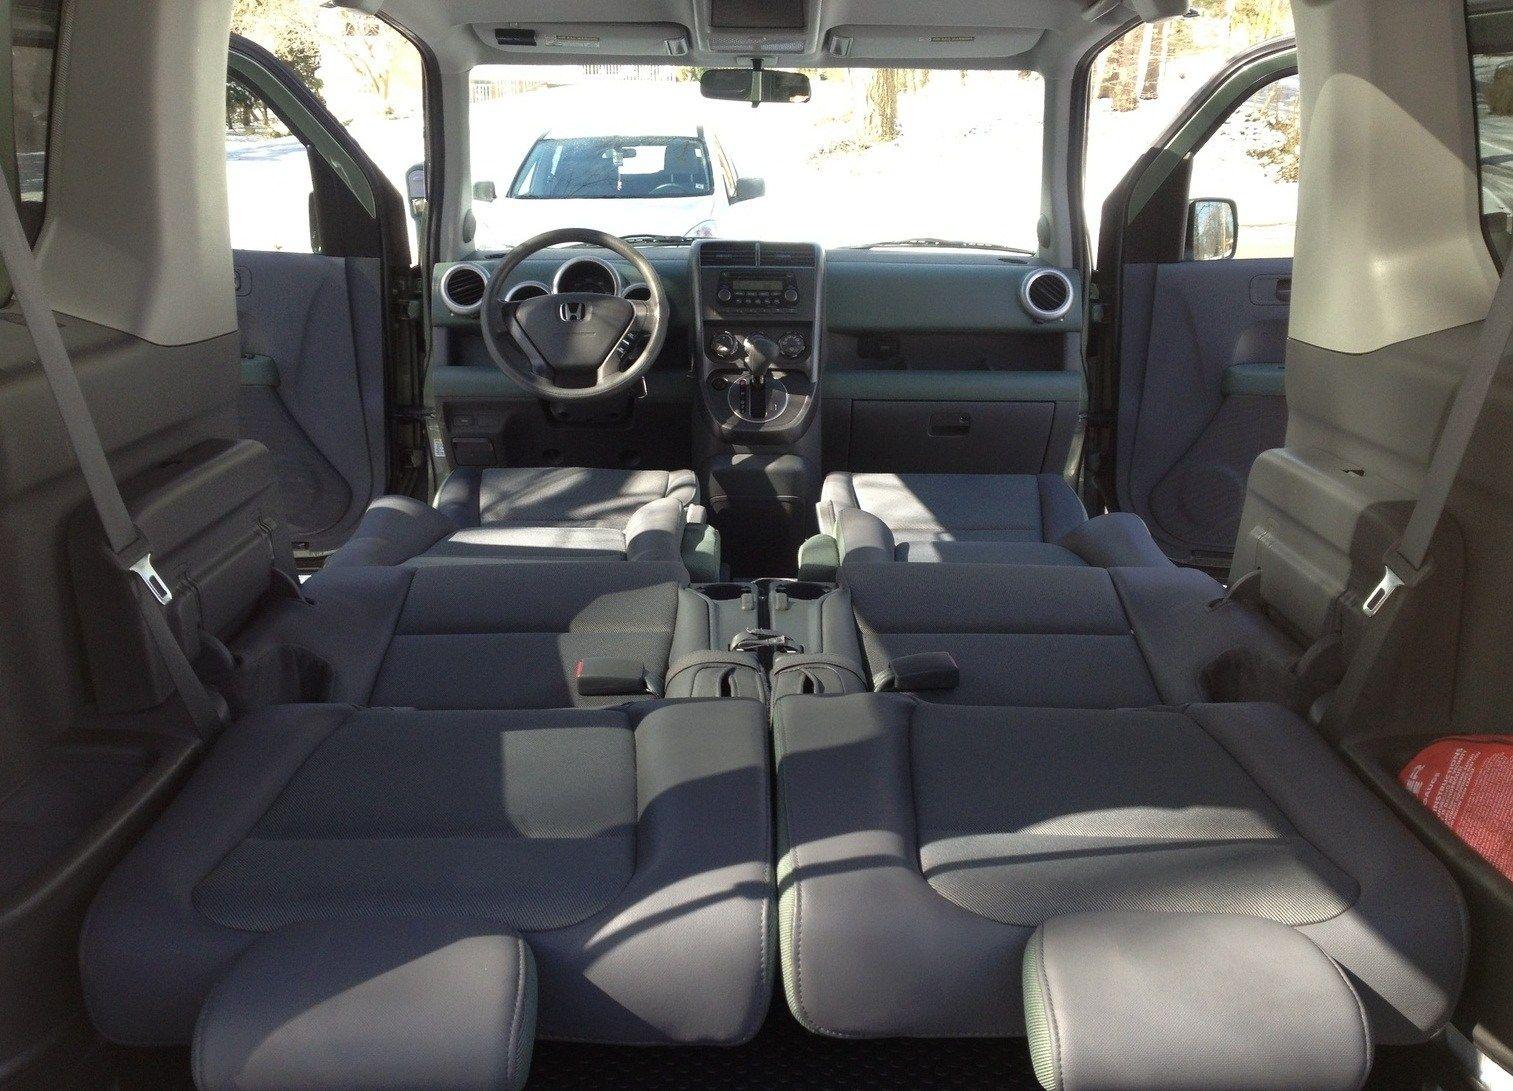 2018 Honda Element Usa Interior Specs Future Cars Pictures 2008 Fuse Box